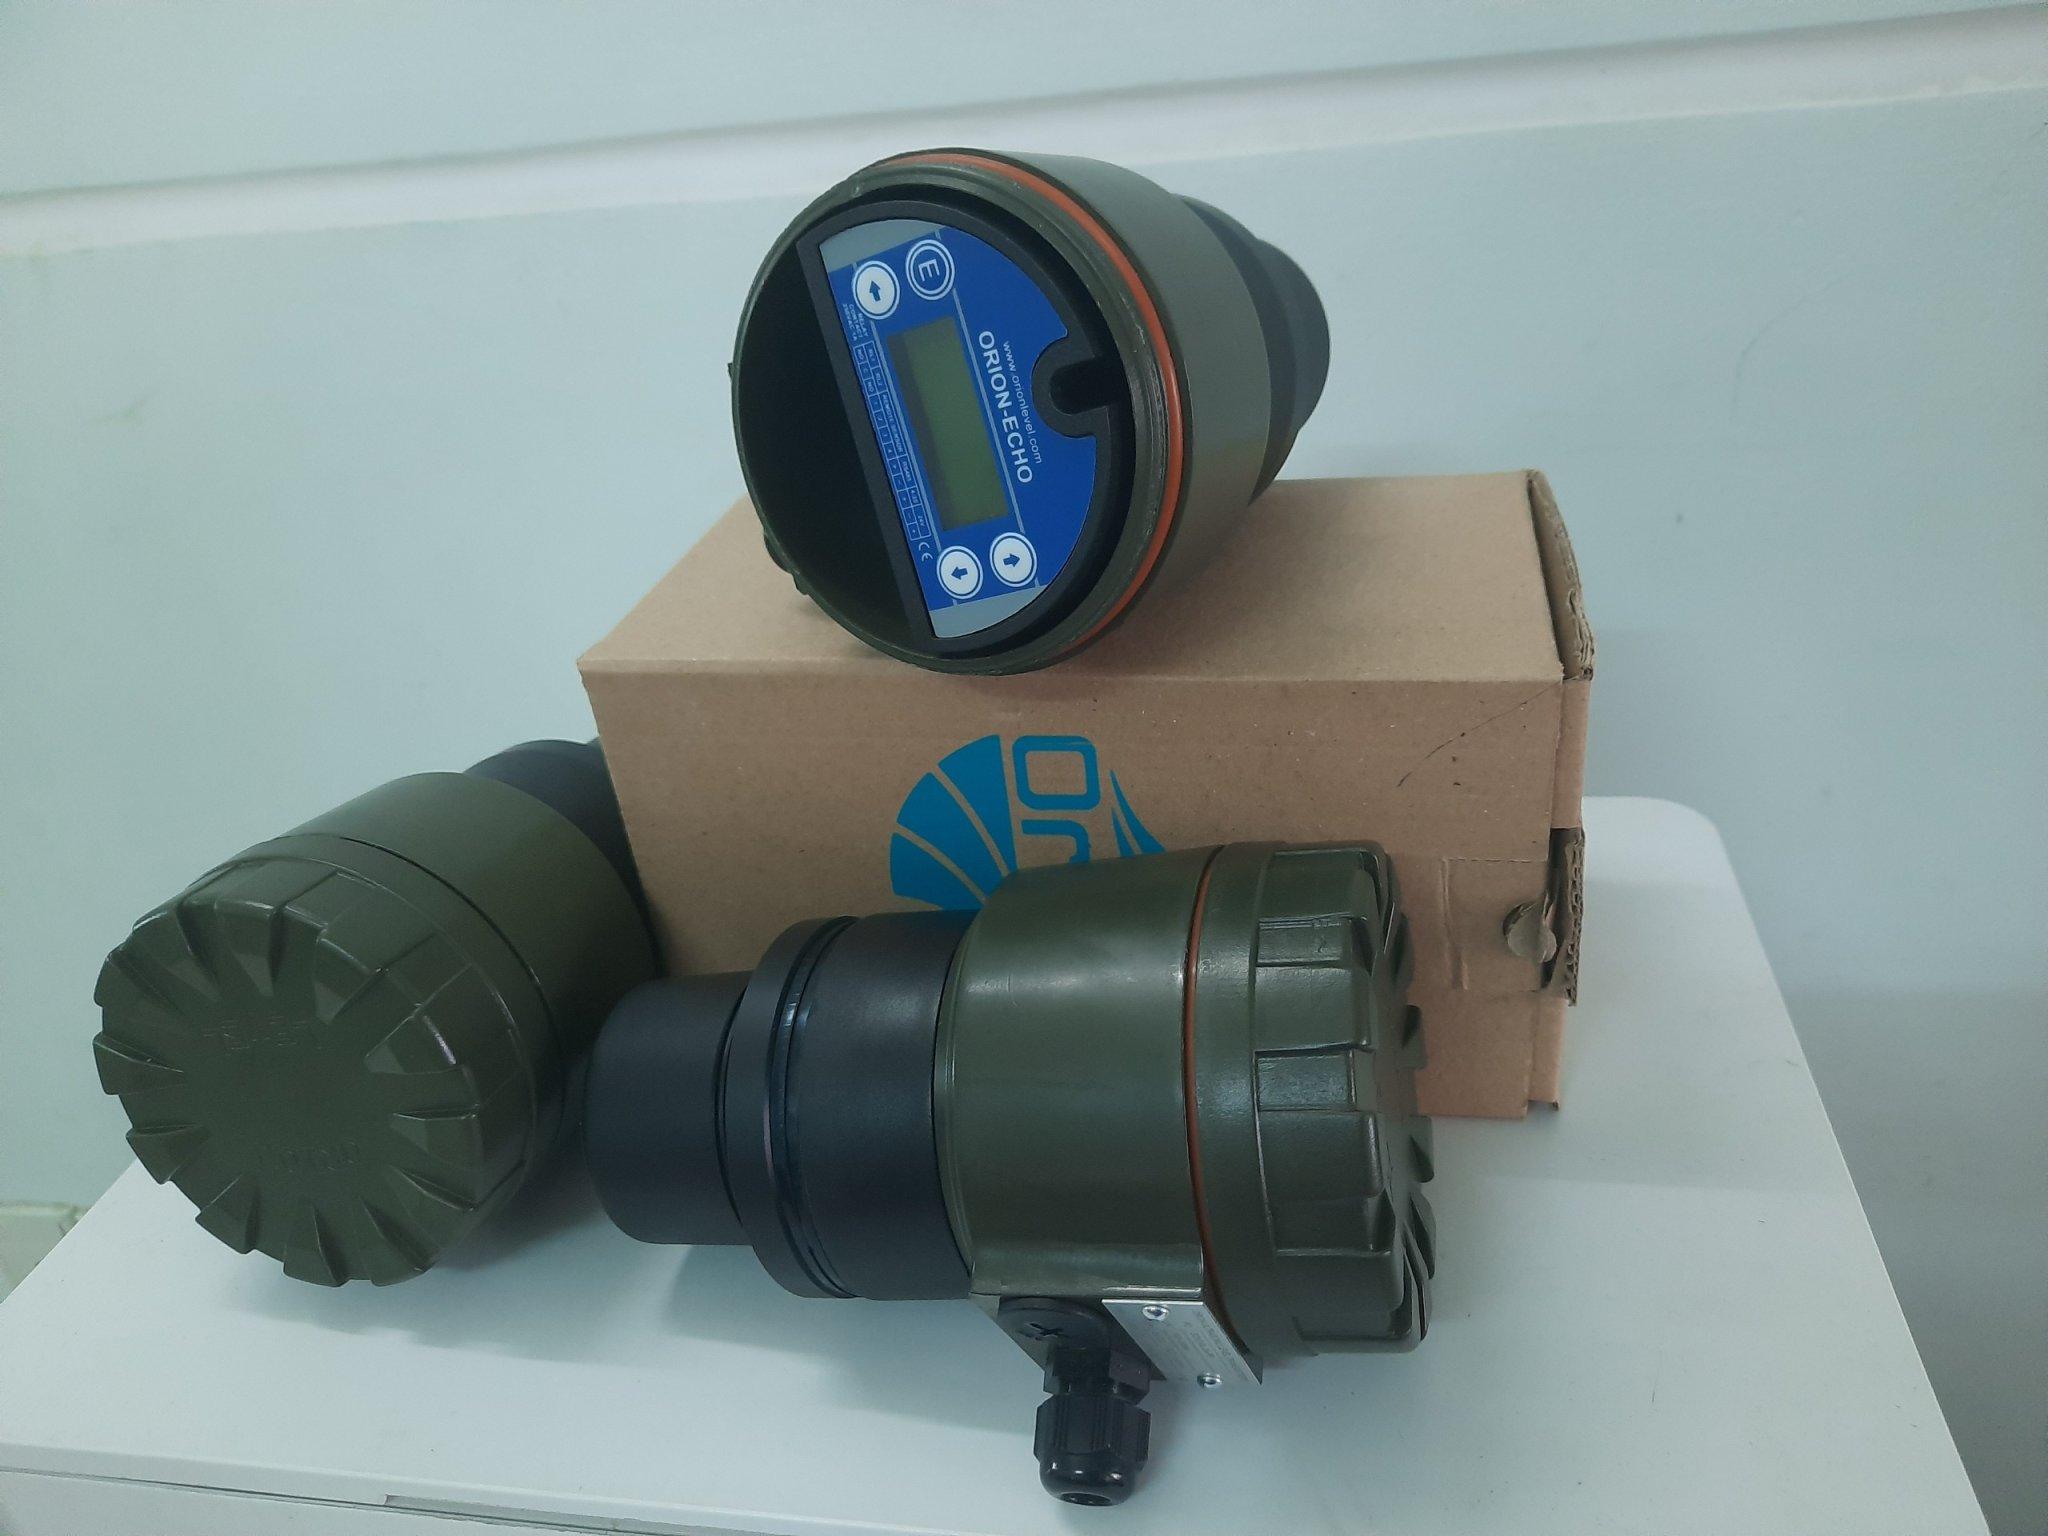 Dụng cụ đo mức nước - Cảm biến đo mức siêu âm ECH310